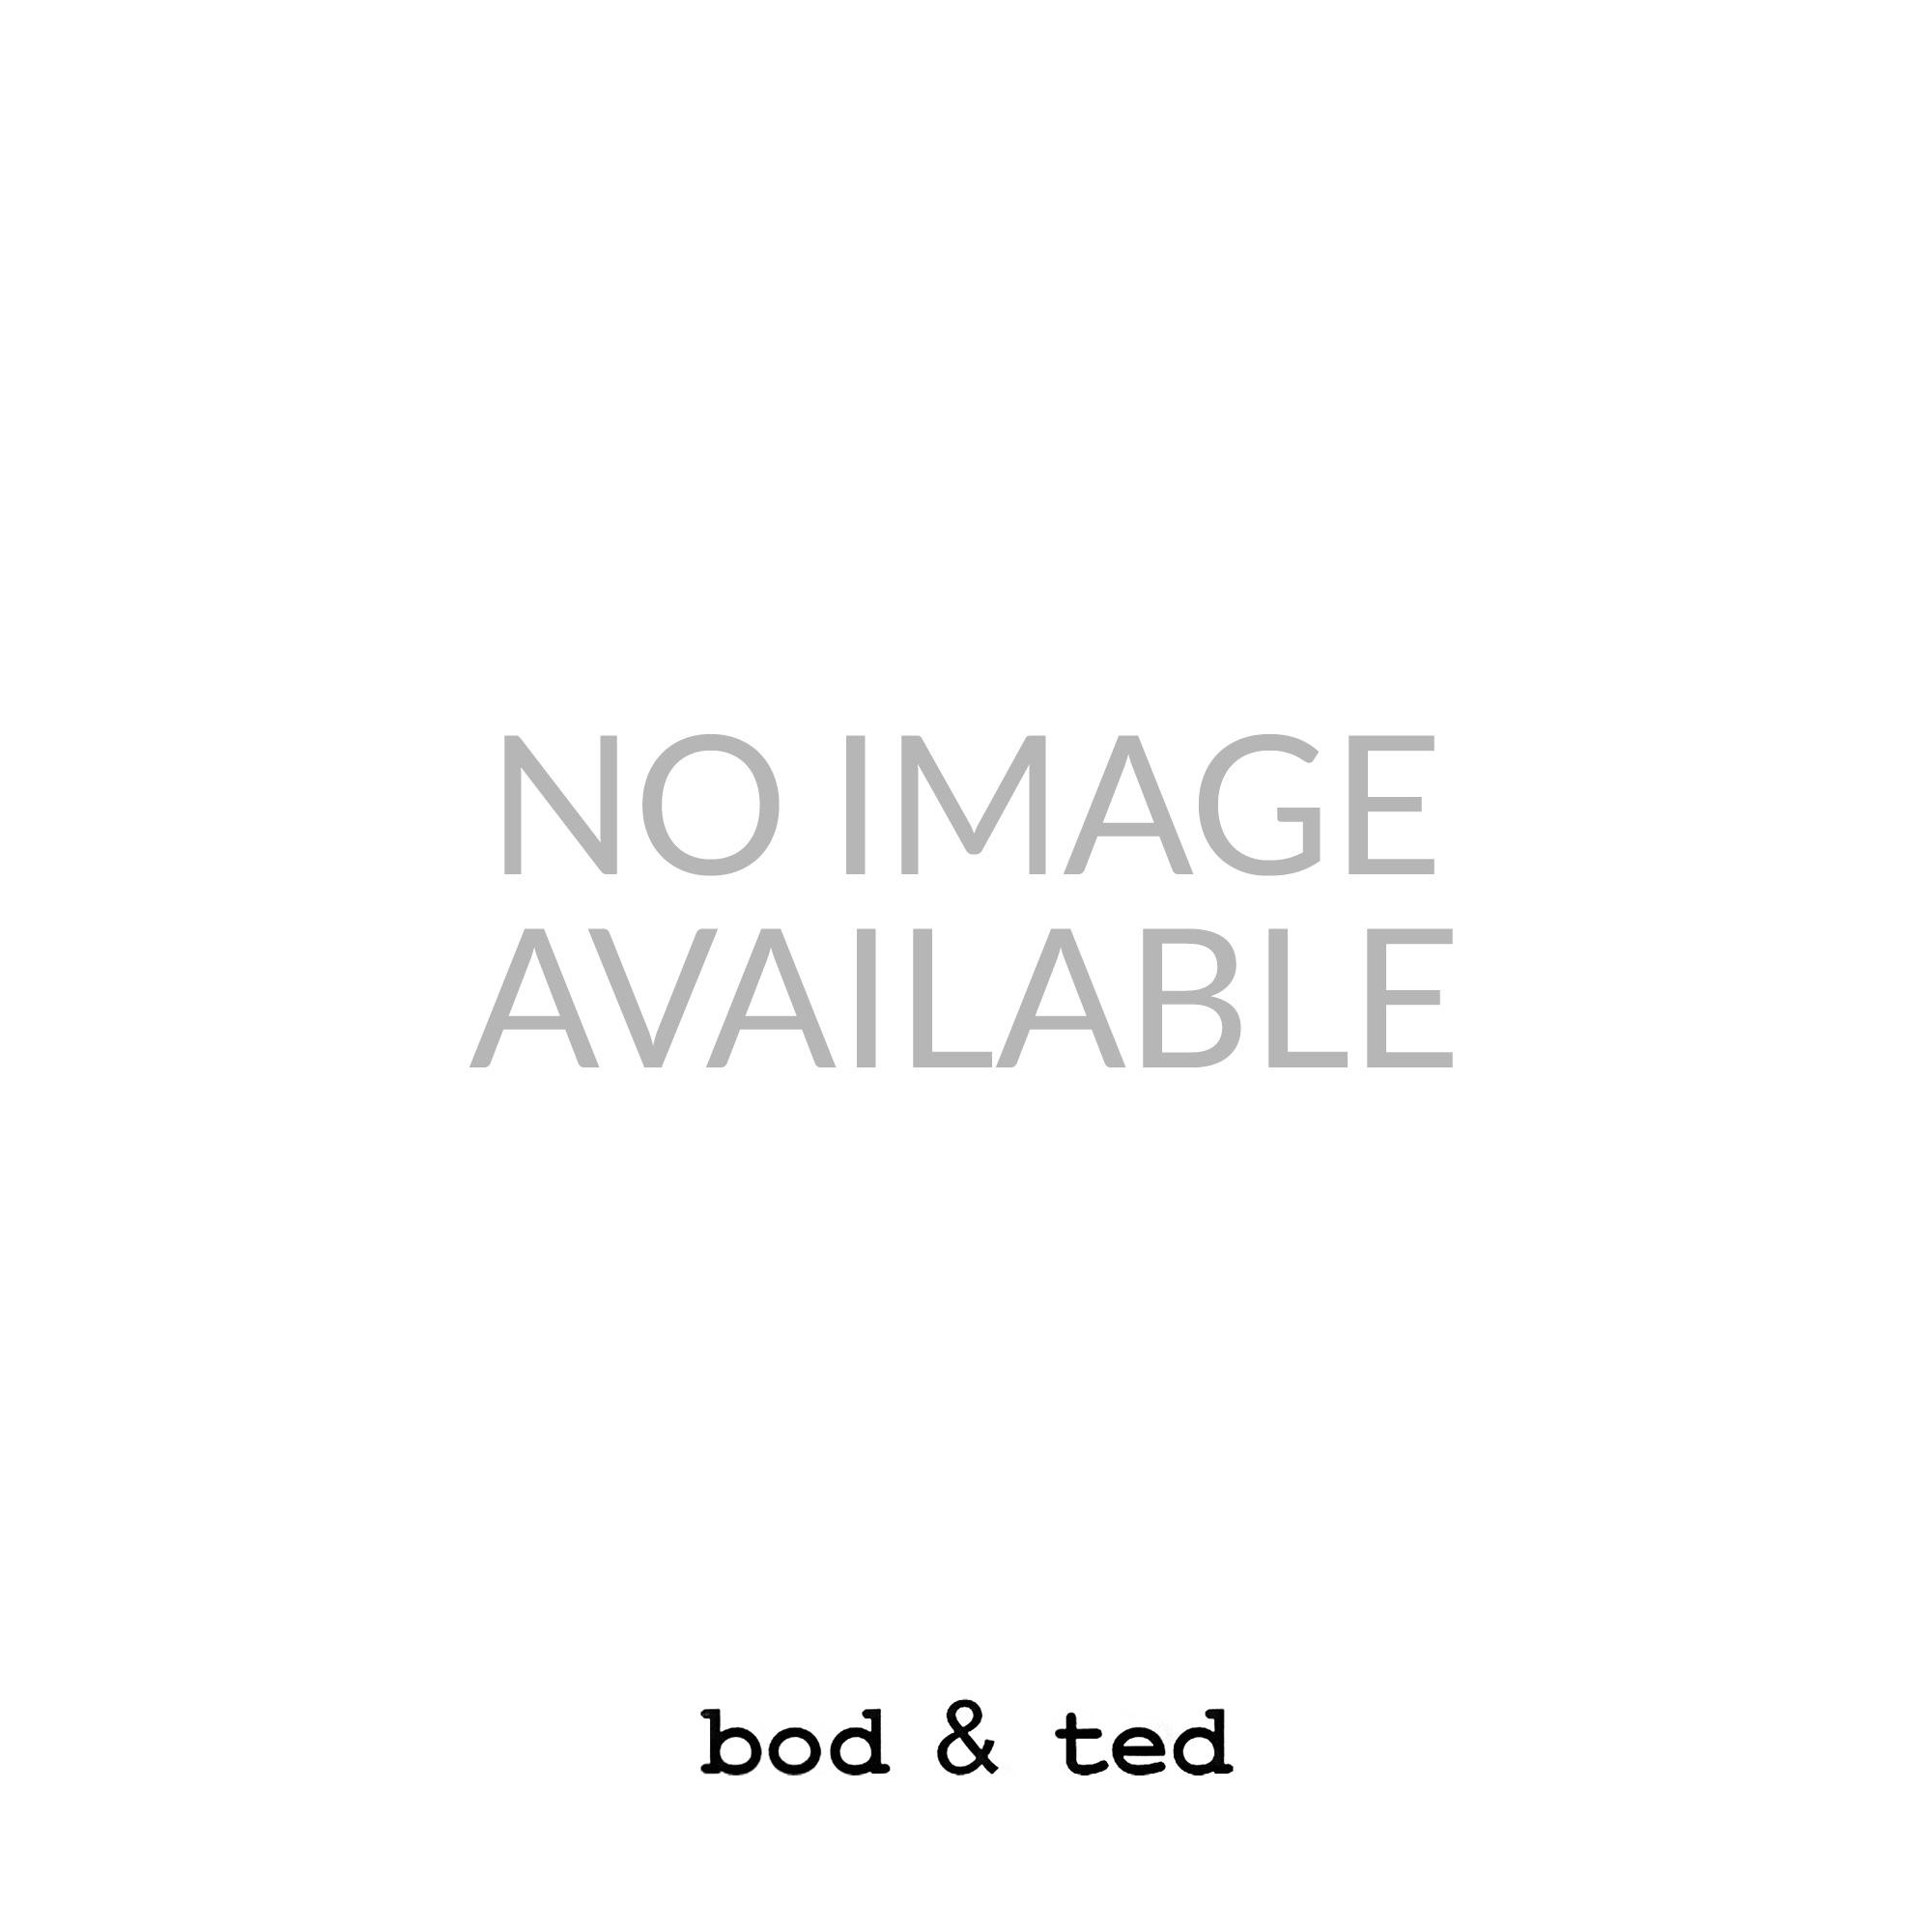 71ec3599050 Stine Goya Maxwell Silk Shirt In Daisy | Stine Goya at bod & ted